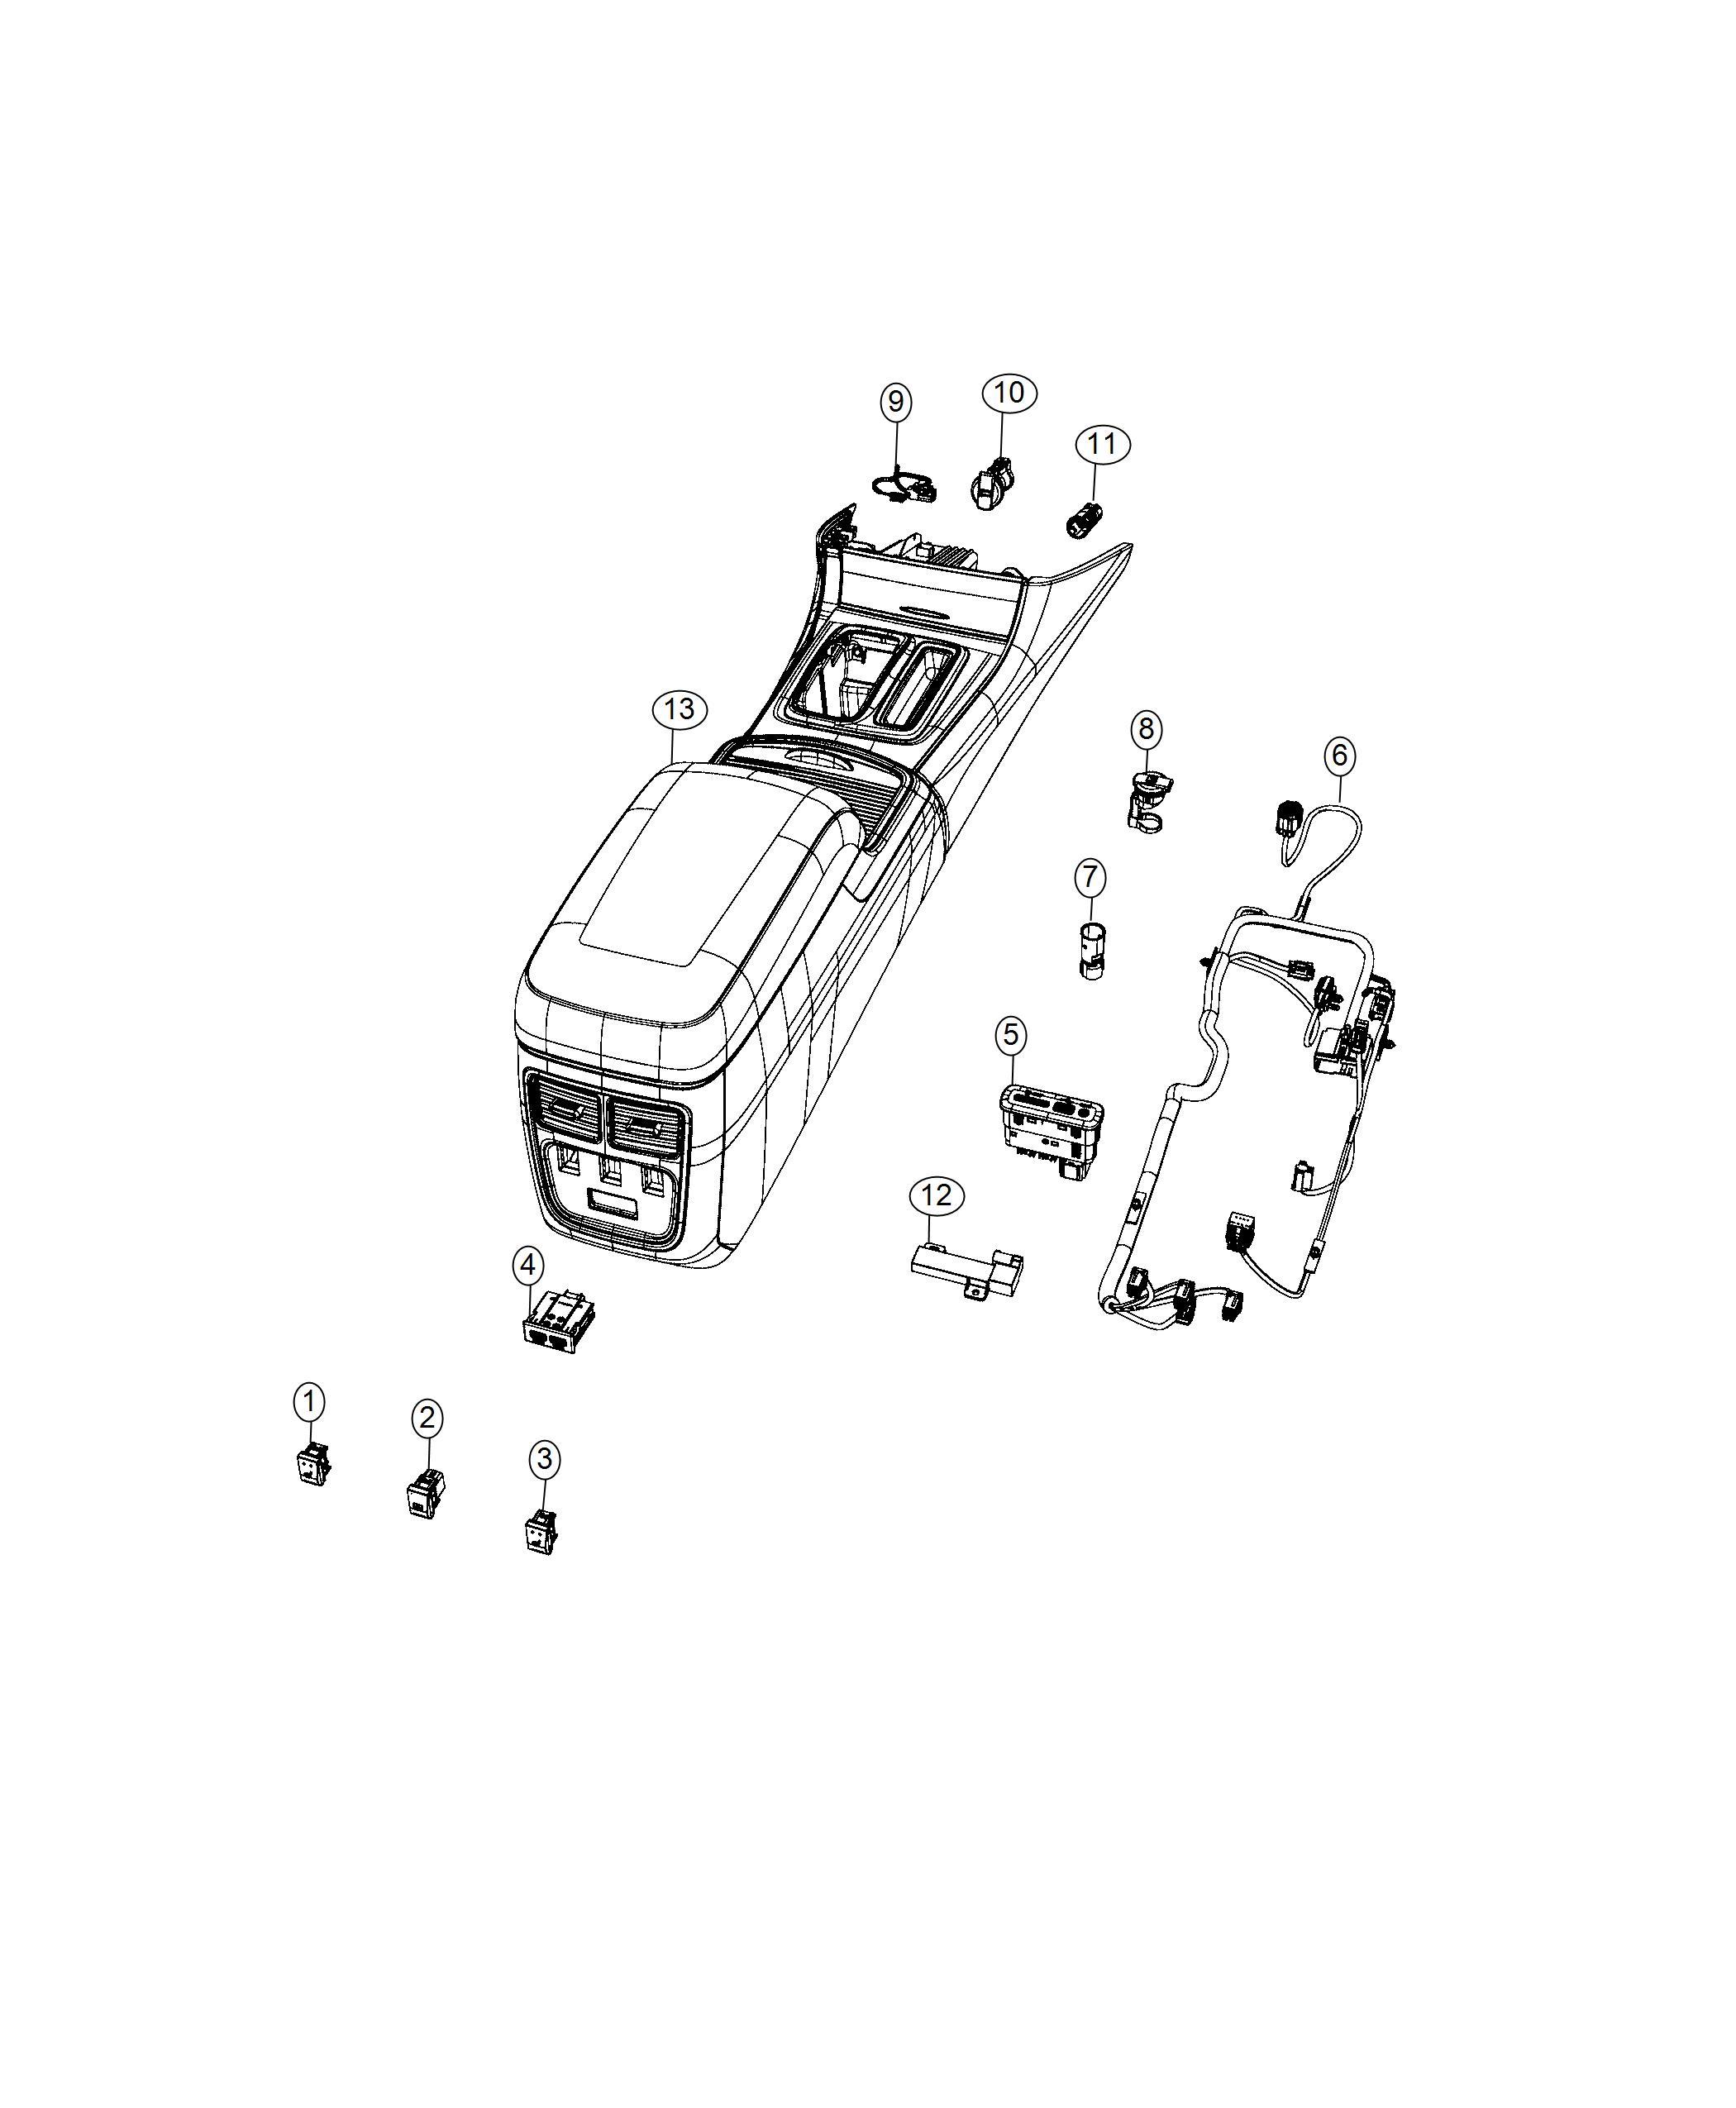 Chrysler 300 Cap Power Outlet Trim No Description Available